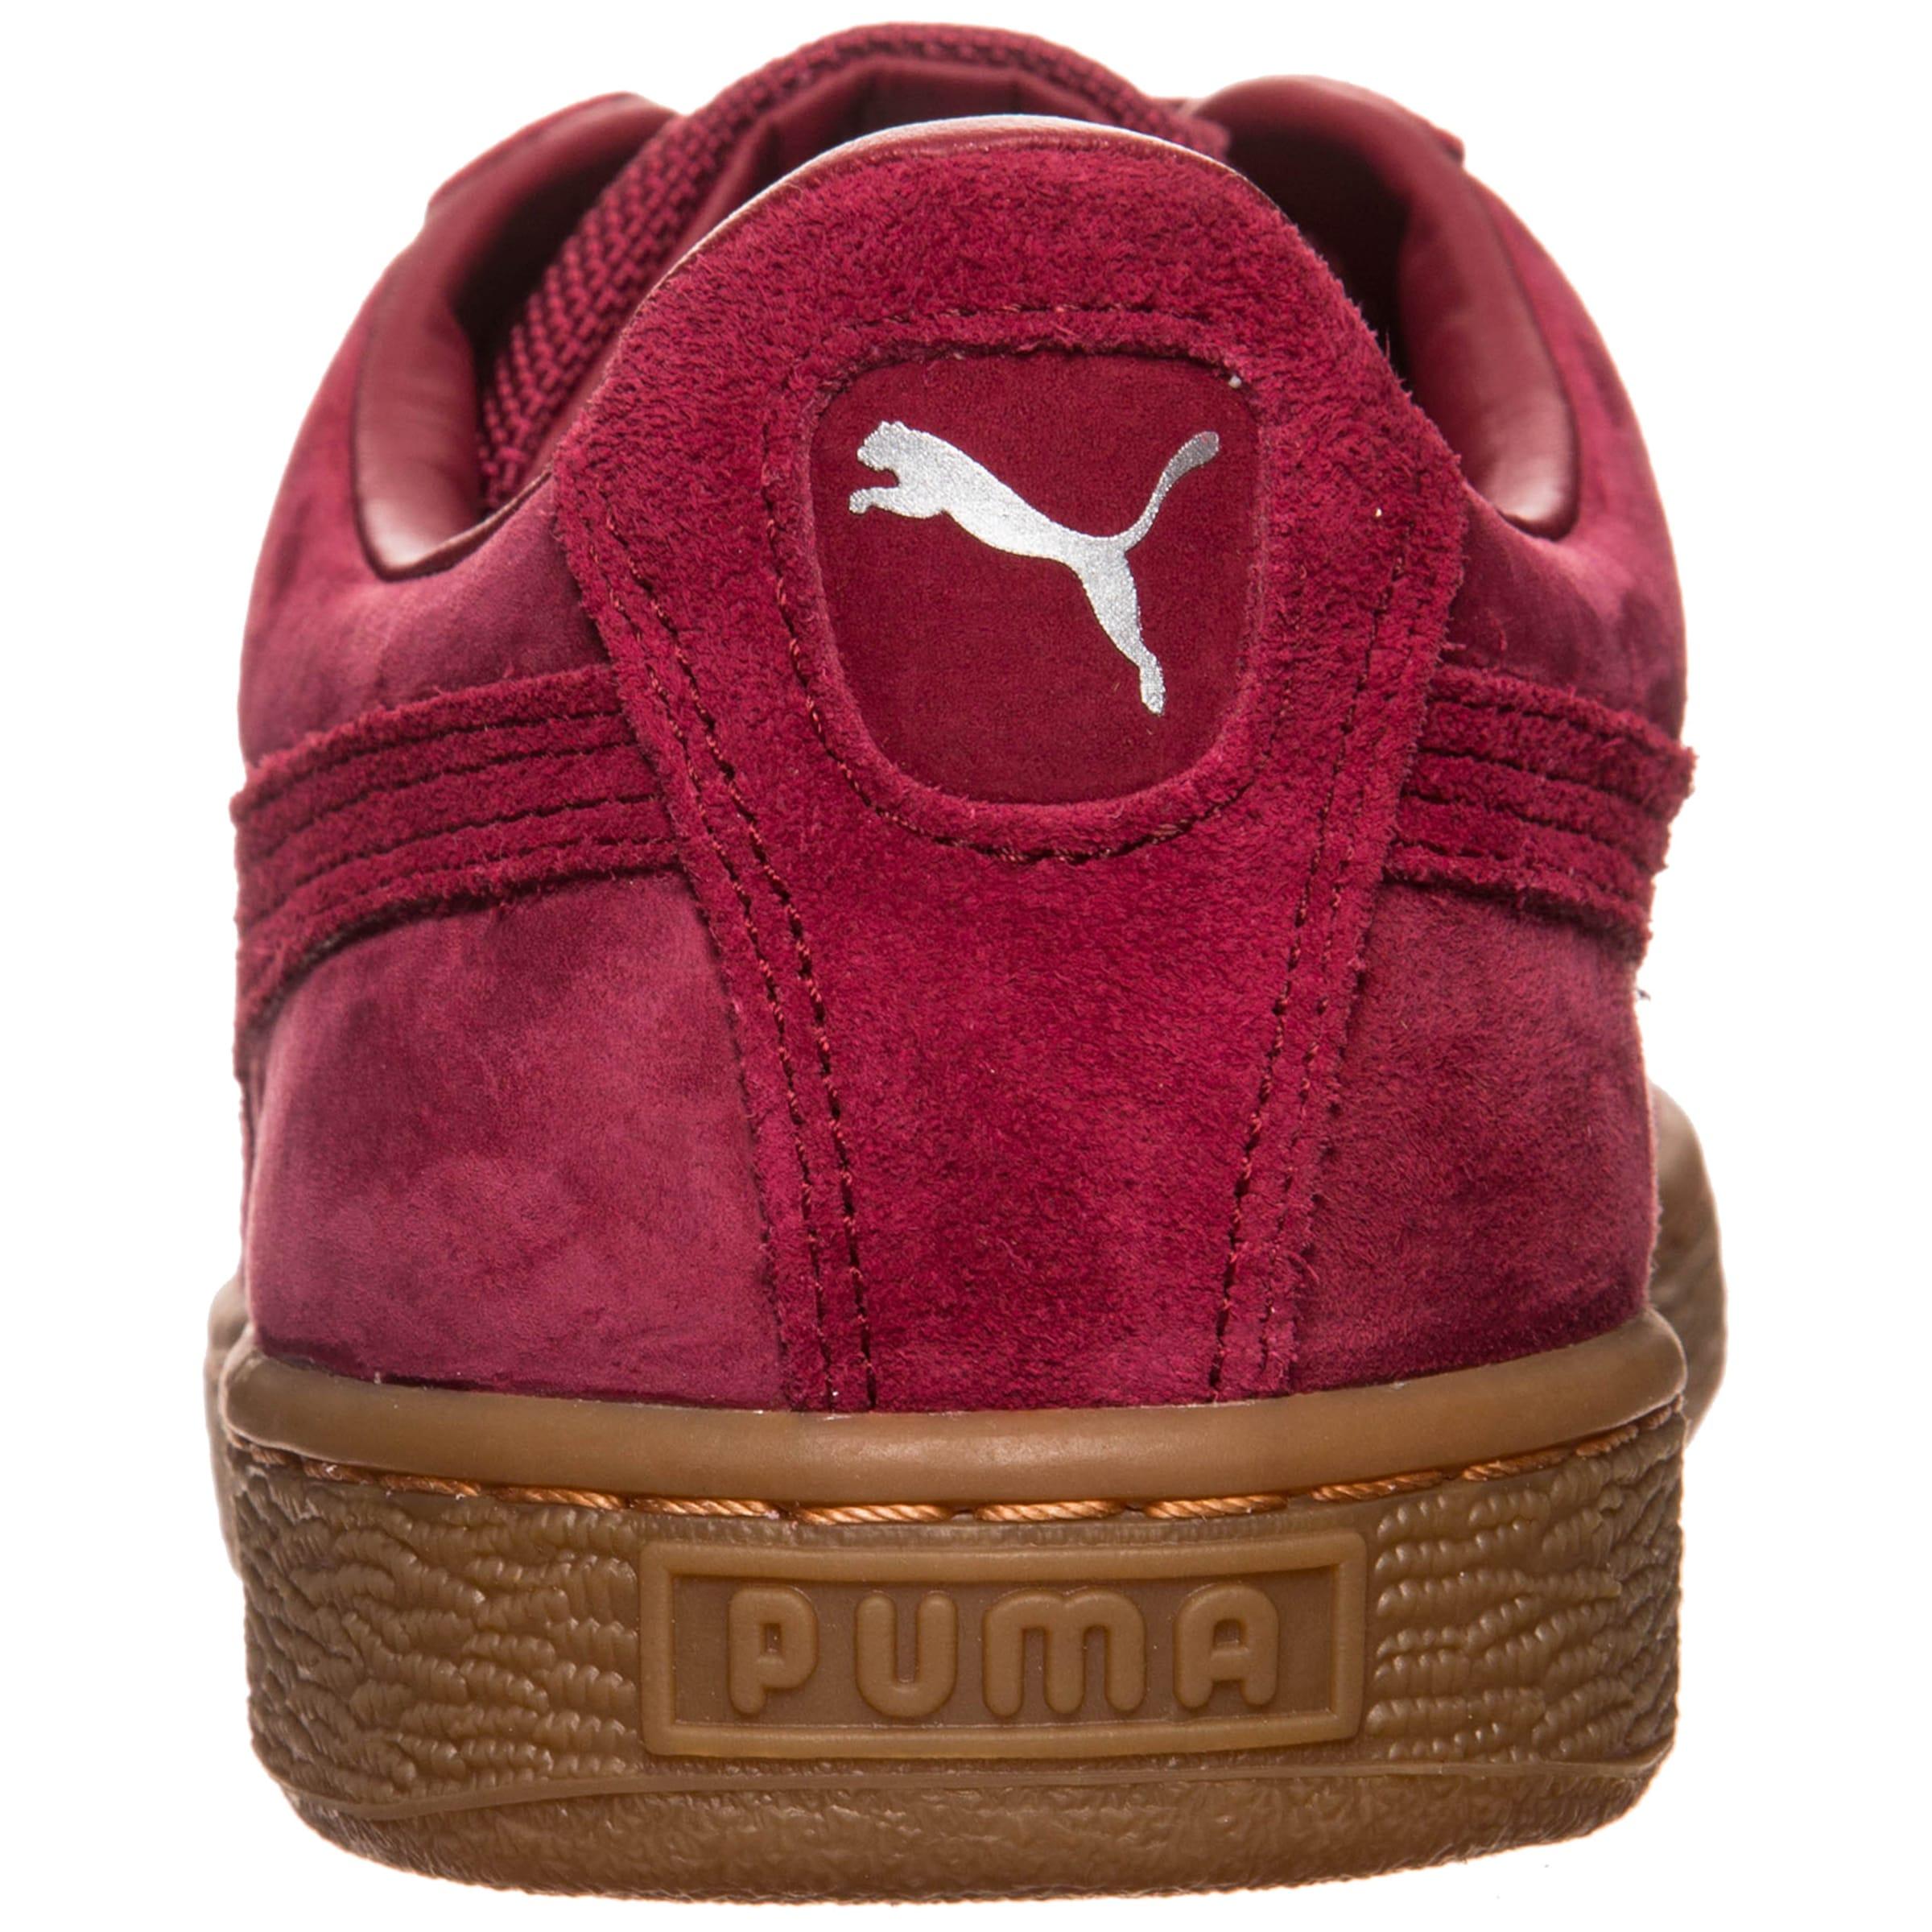 Sneaker Puma Eosin Sneaker In Puma Sneaker Puma In In Eosin rCBtsdohxQ